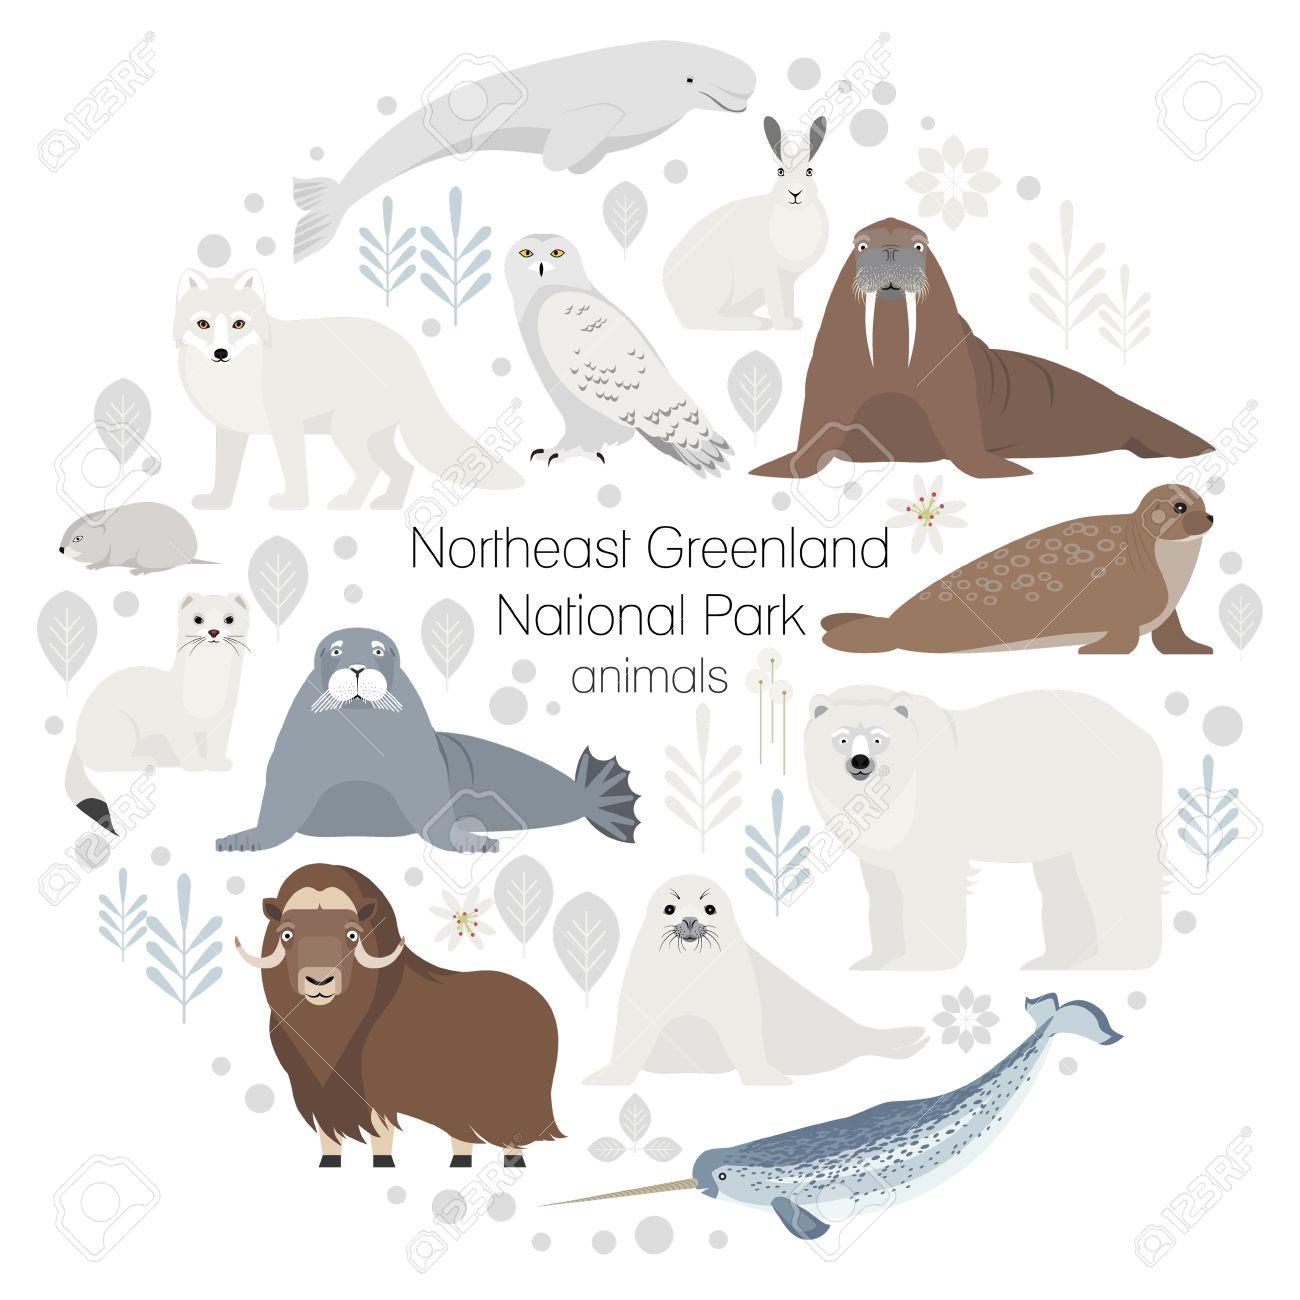 Los Animales Polares. Colección De Vector De Animales .Polar Oso ...